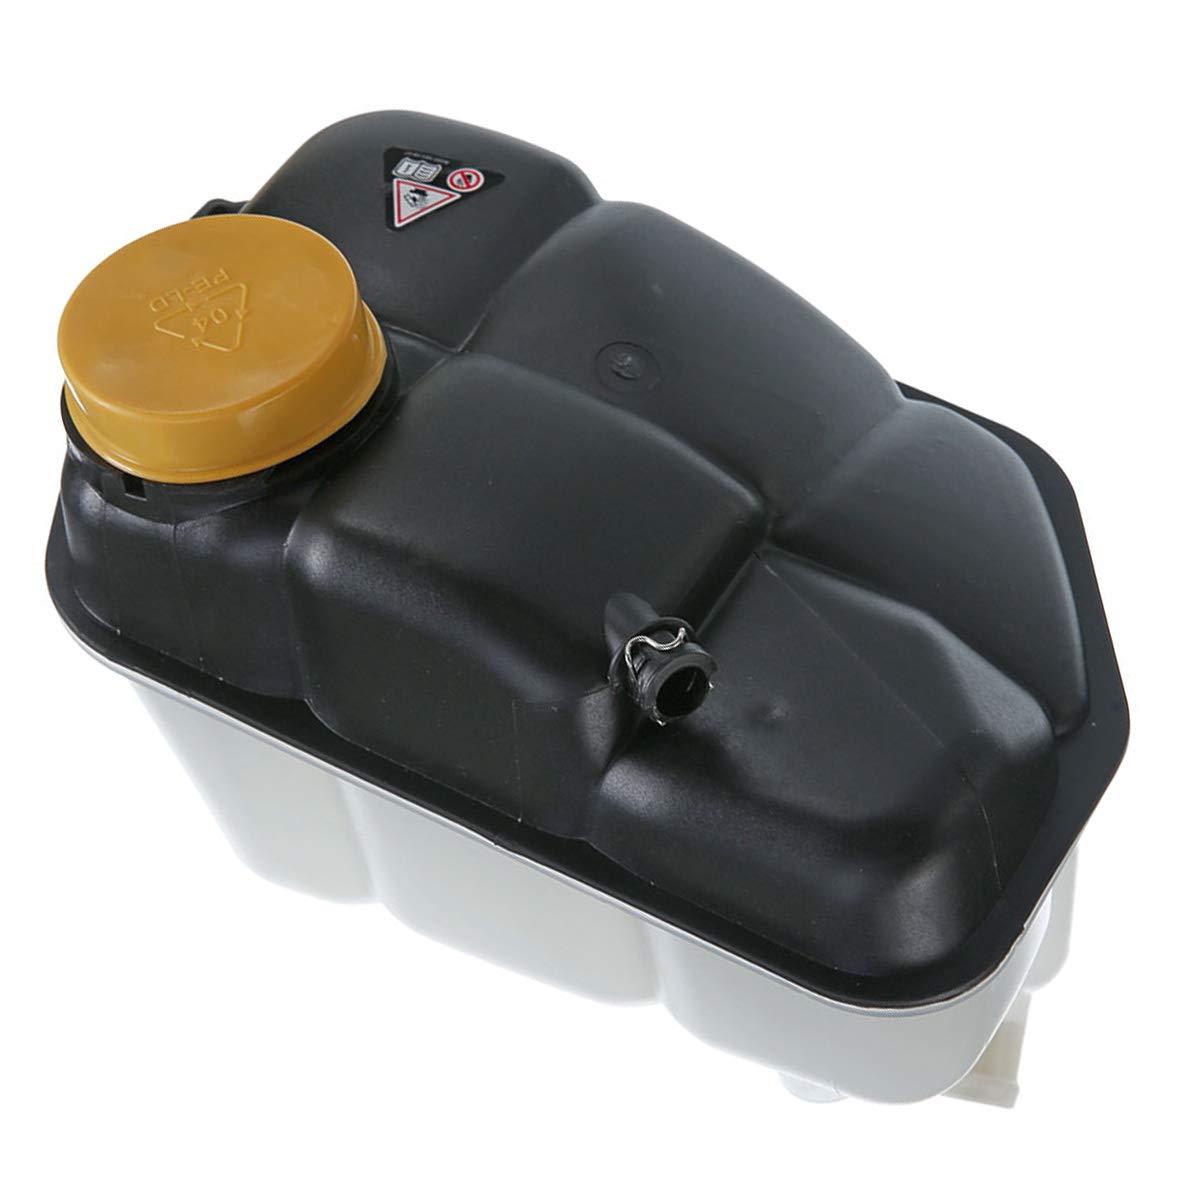 Ausgleichsbeh/älter K/ühlmittel Ohne Sensor f/ür E200 E270 E280 E400 W211 S211 2002-2009 2115000049